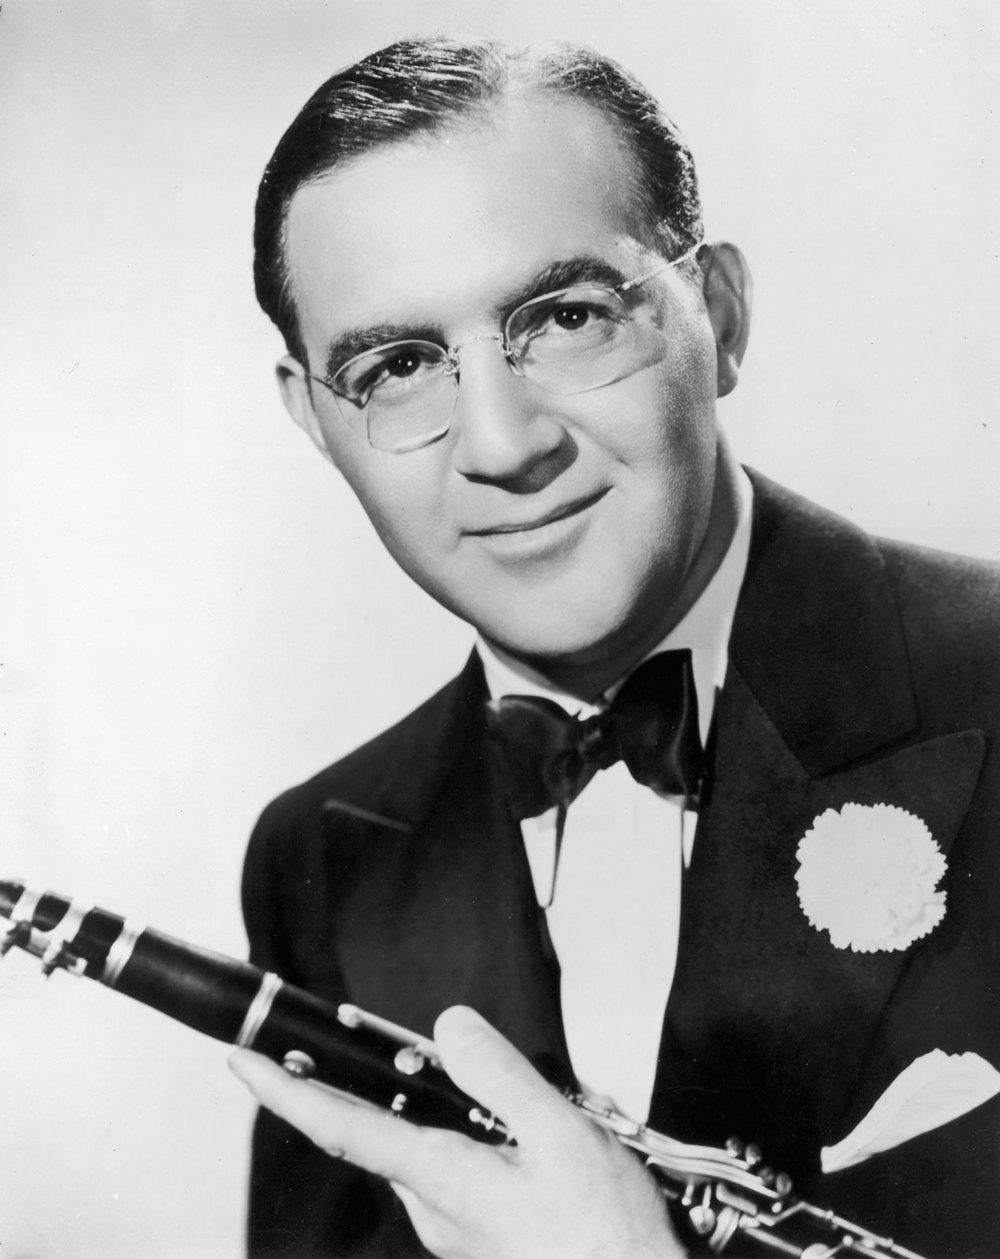 年輕時的 Benny Goodman(好清純)